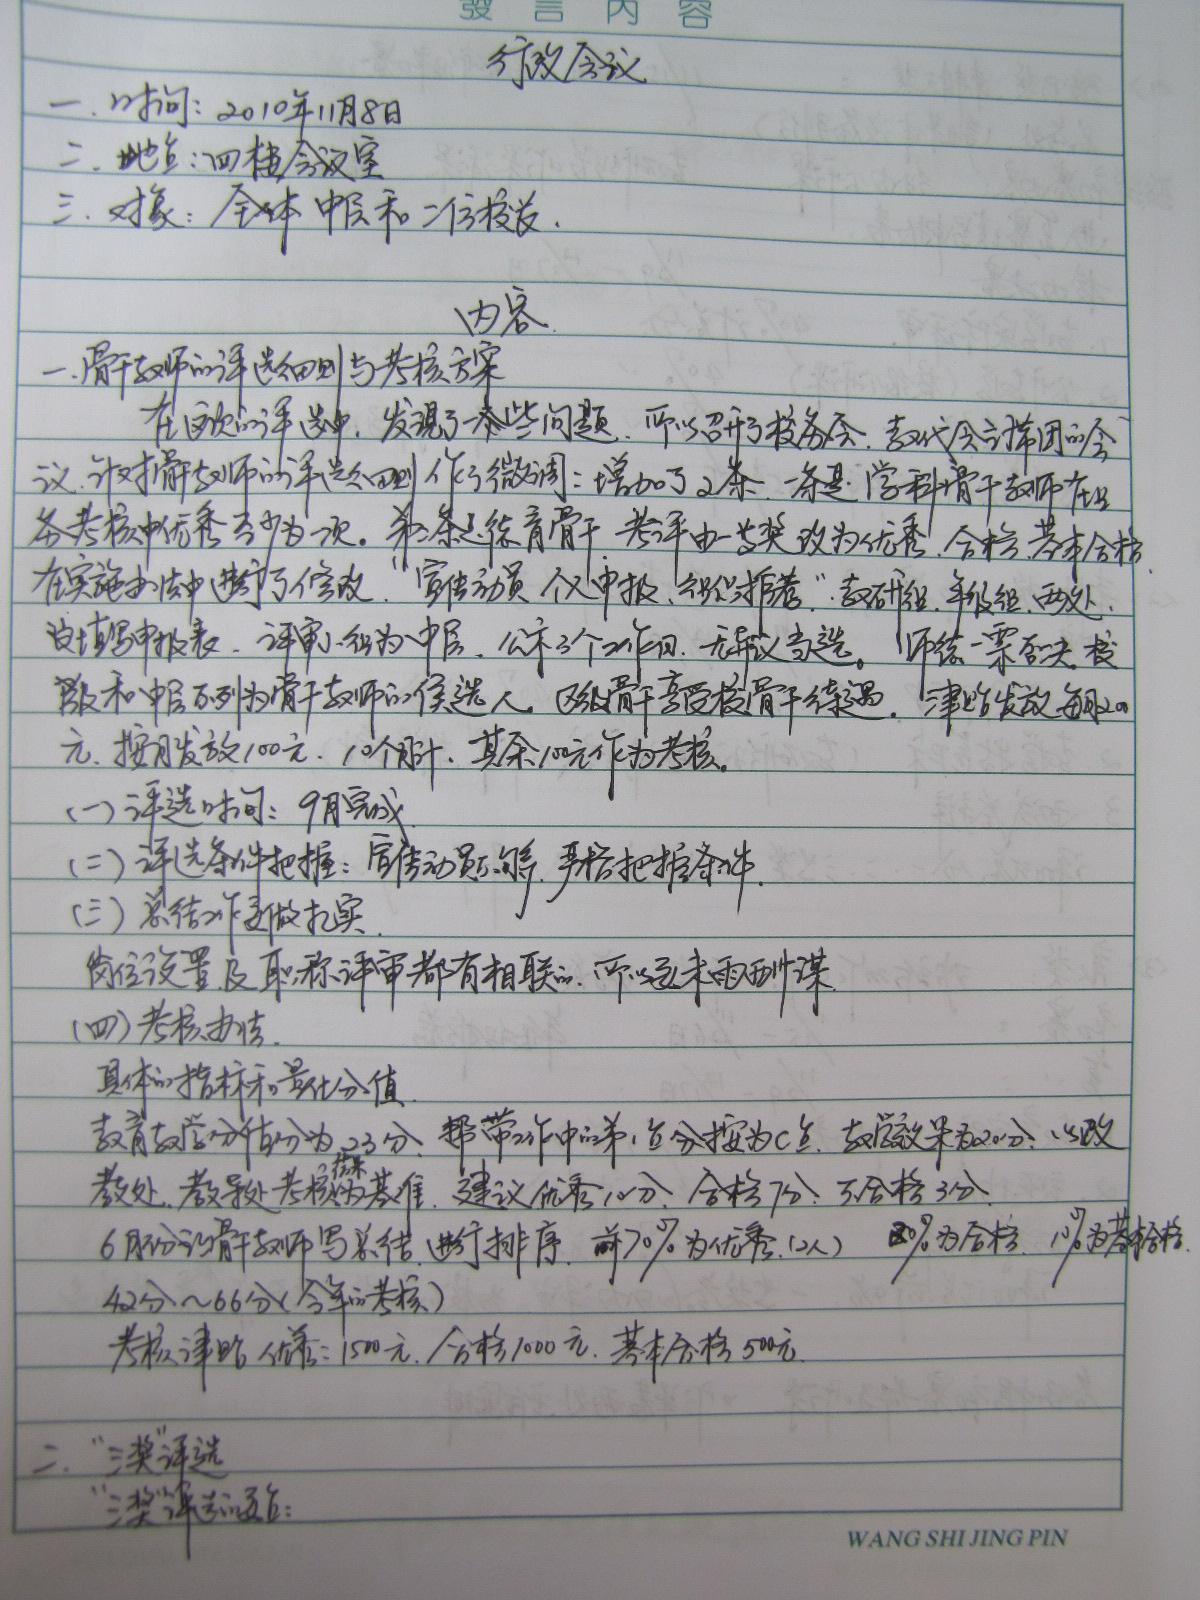 初中班主任会议记录_会议记录3 - 内容 - 上海市田林第二中学